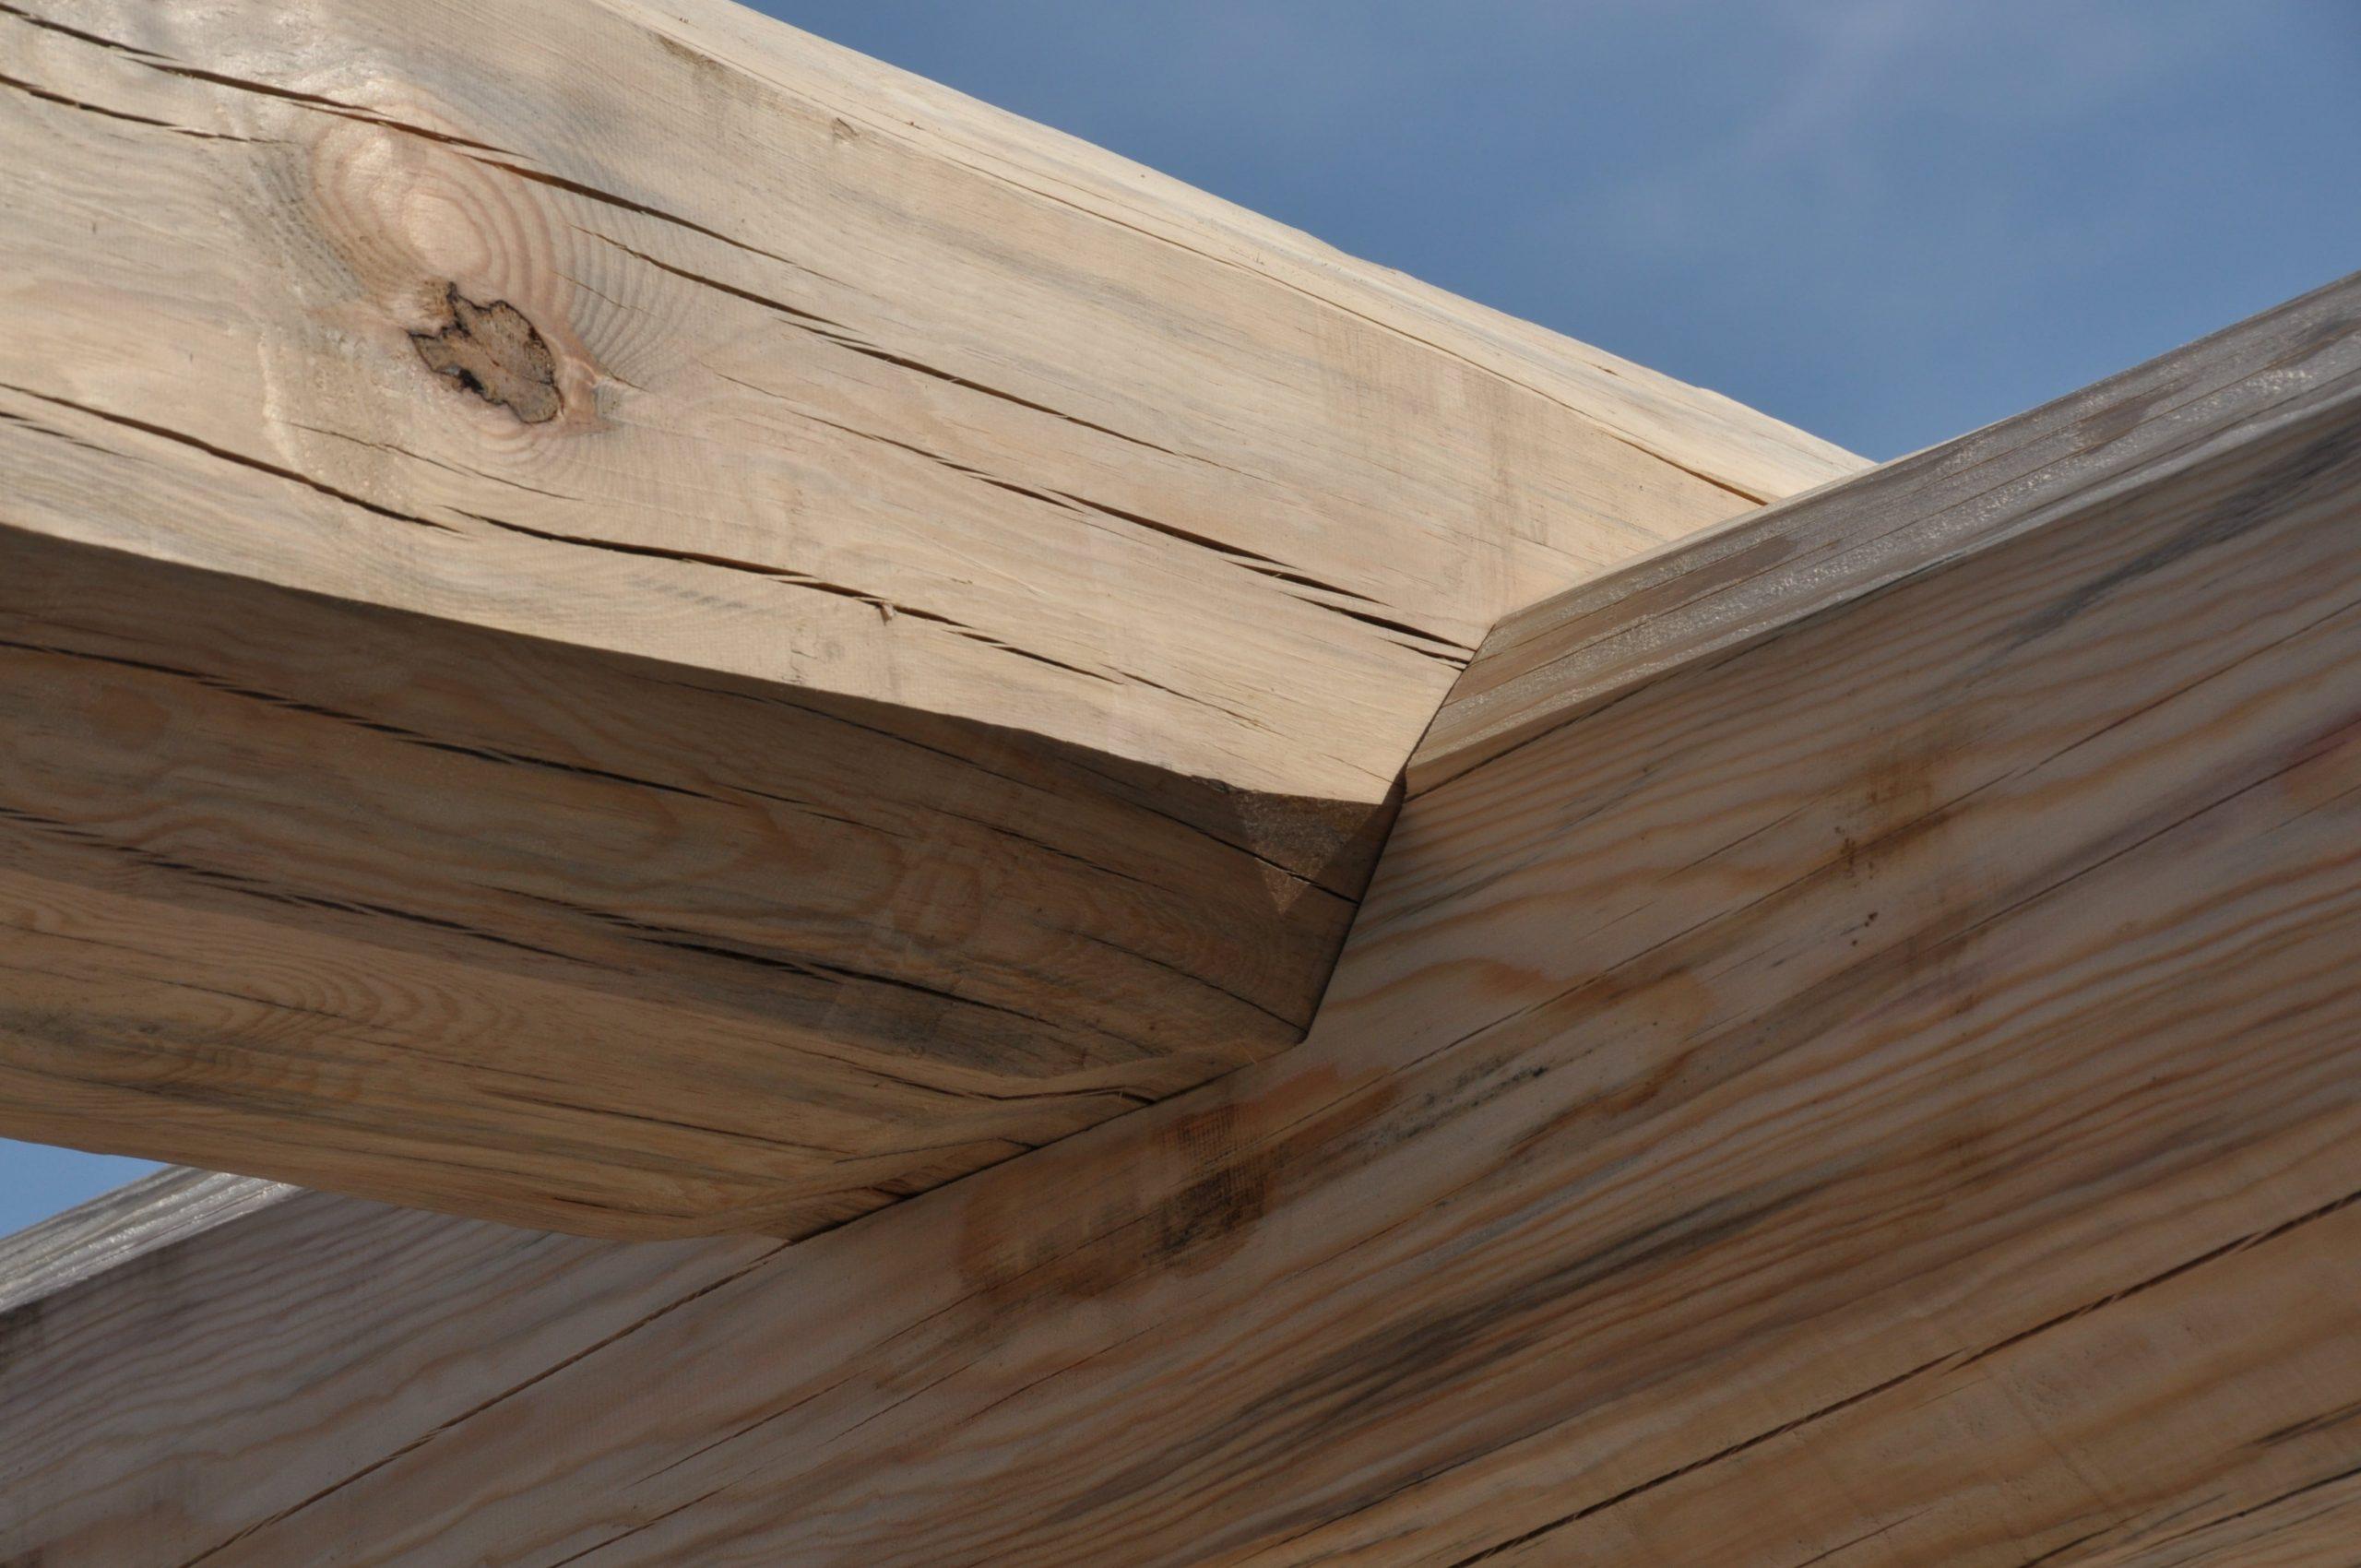 『愛知県 名古屋』で設計事務所をお探しですか?創業40年の老舗「小牧市の和田建設」なら、東海地方のカフェデザインや設計 施工、木造住宅のリフォーム(改装 増改築)も承ります。